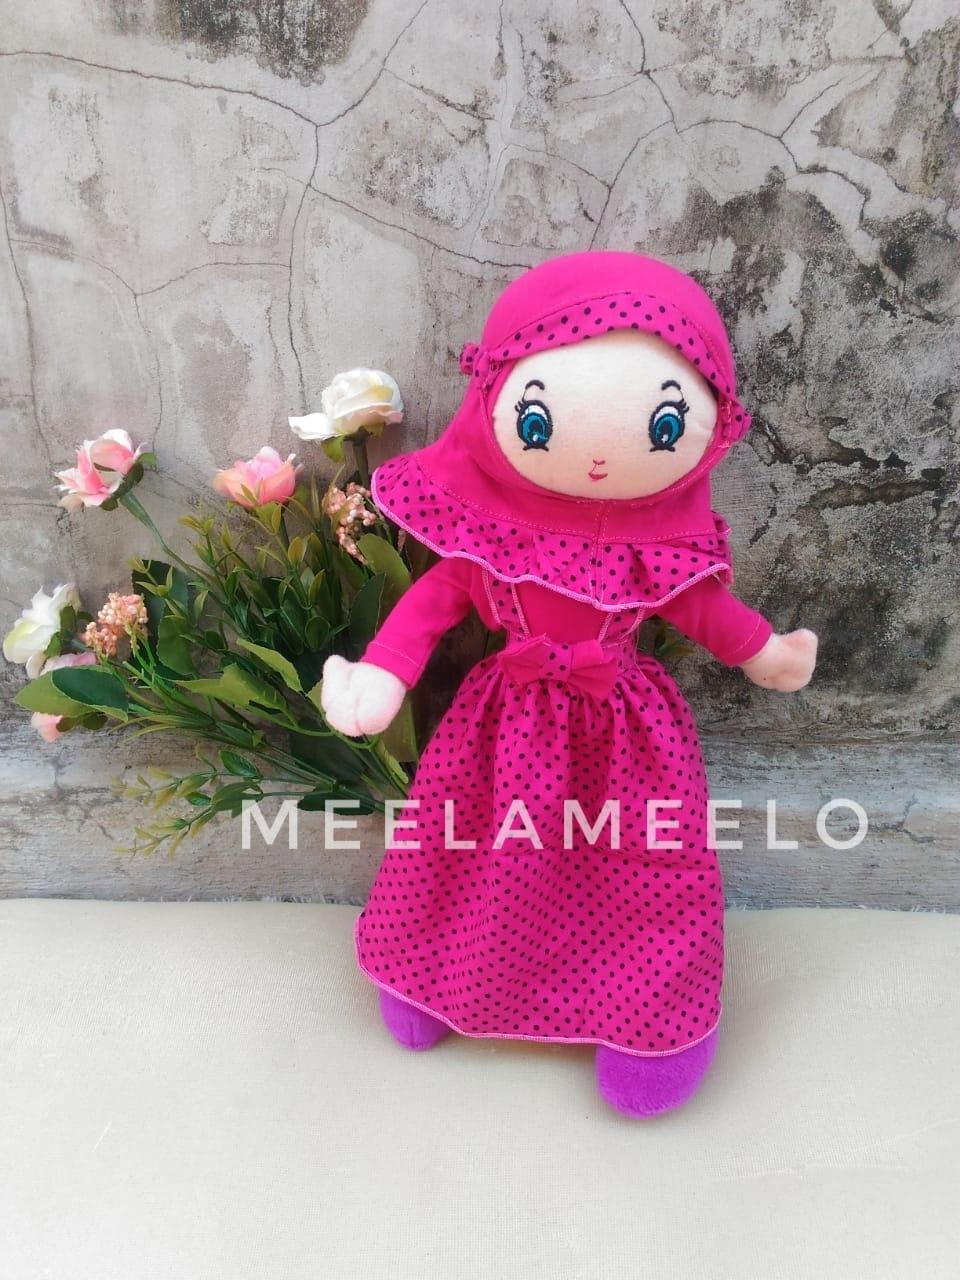 Promo Boneka Muslimah in Pink Fanta  60K ONLY